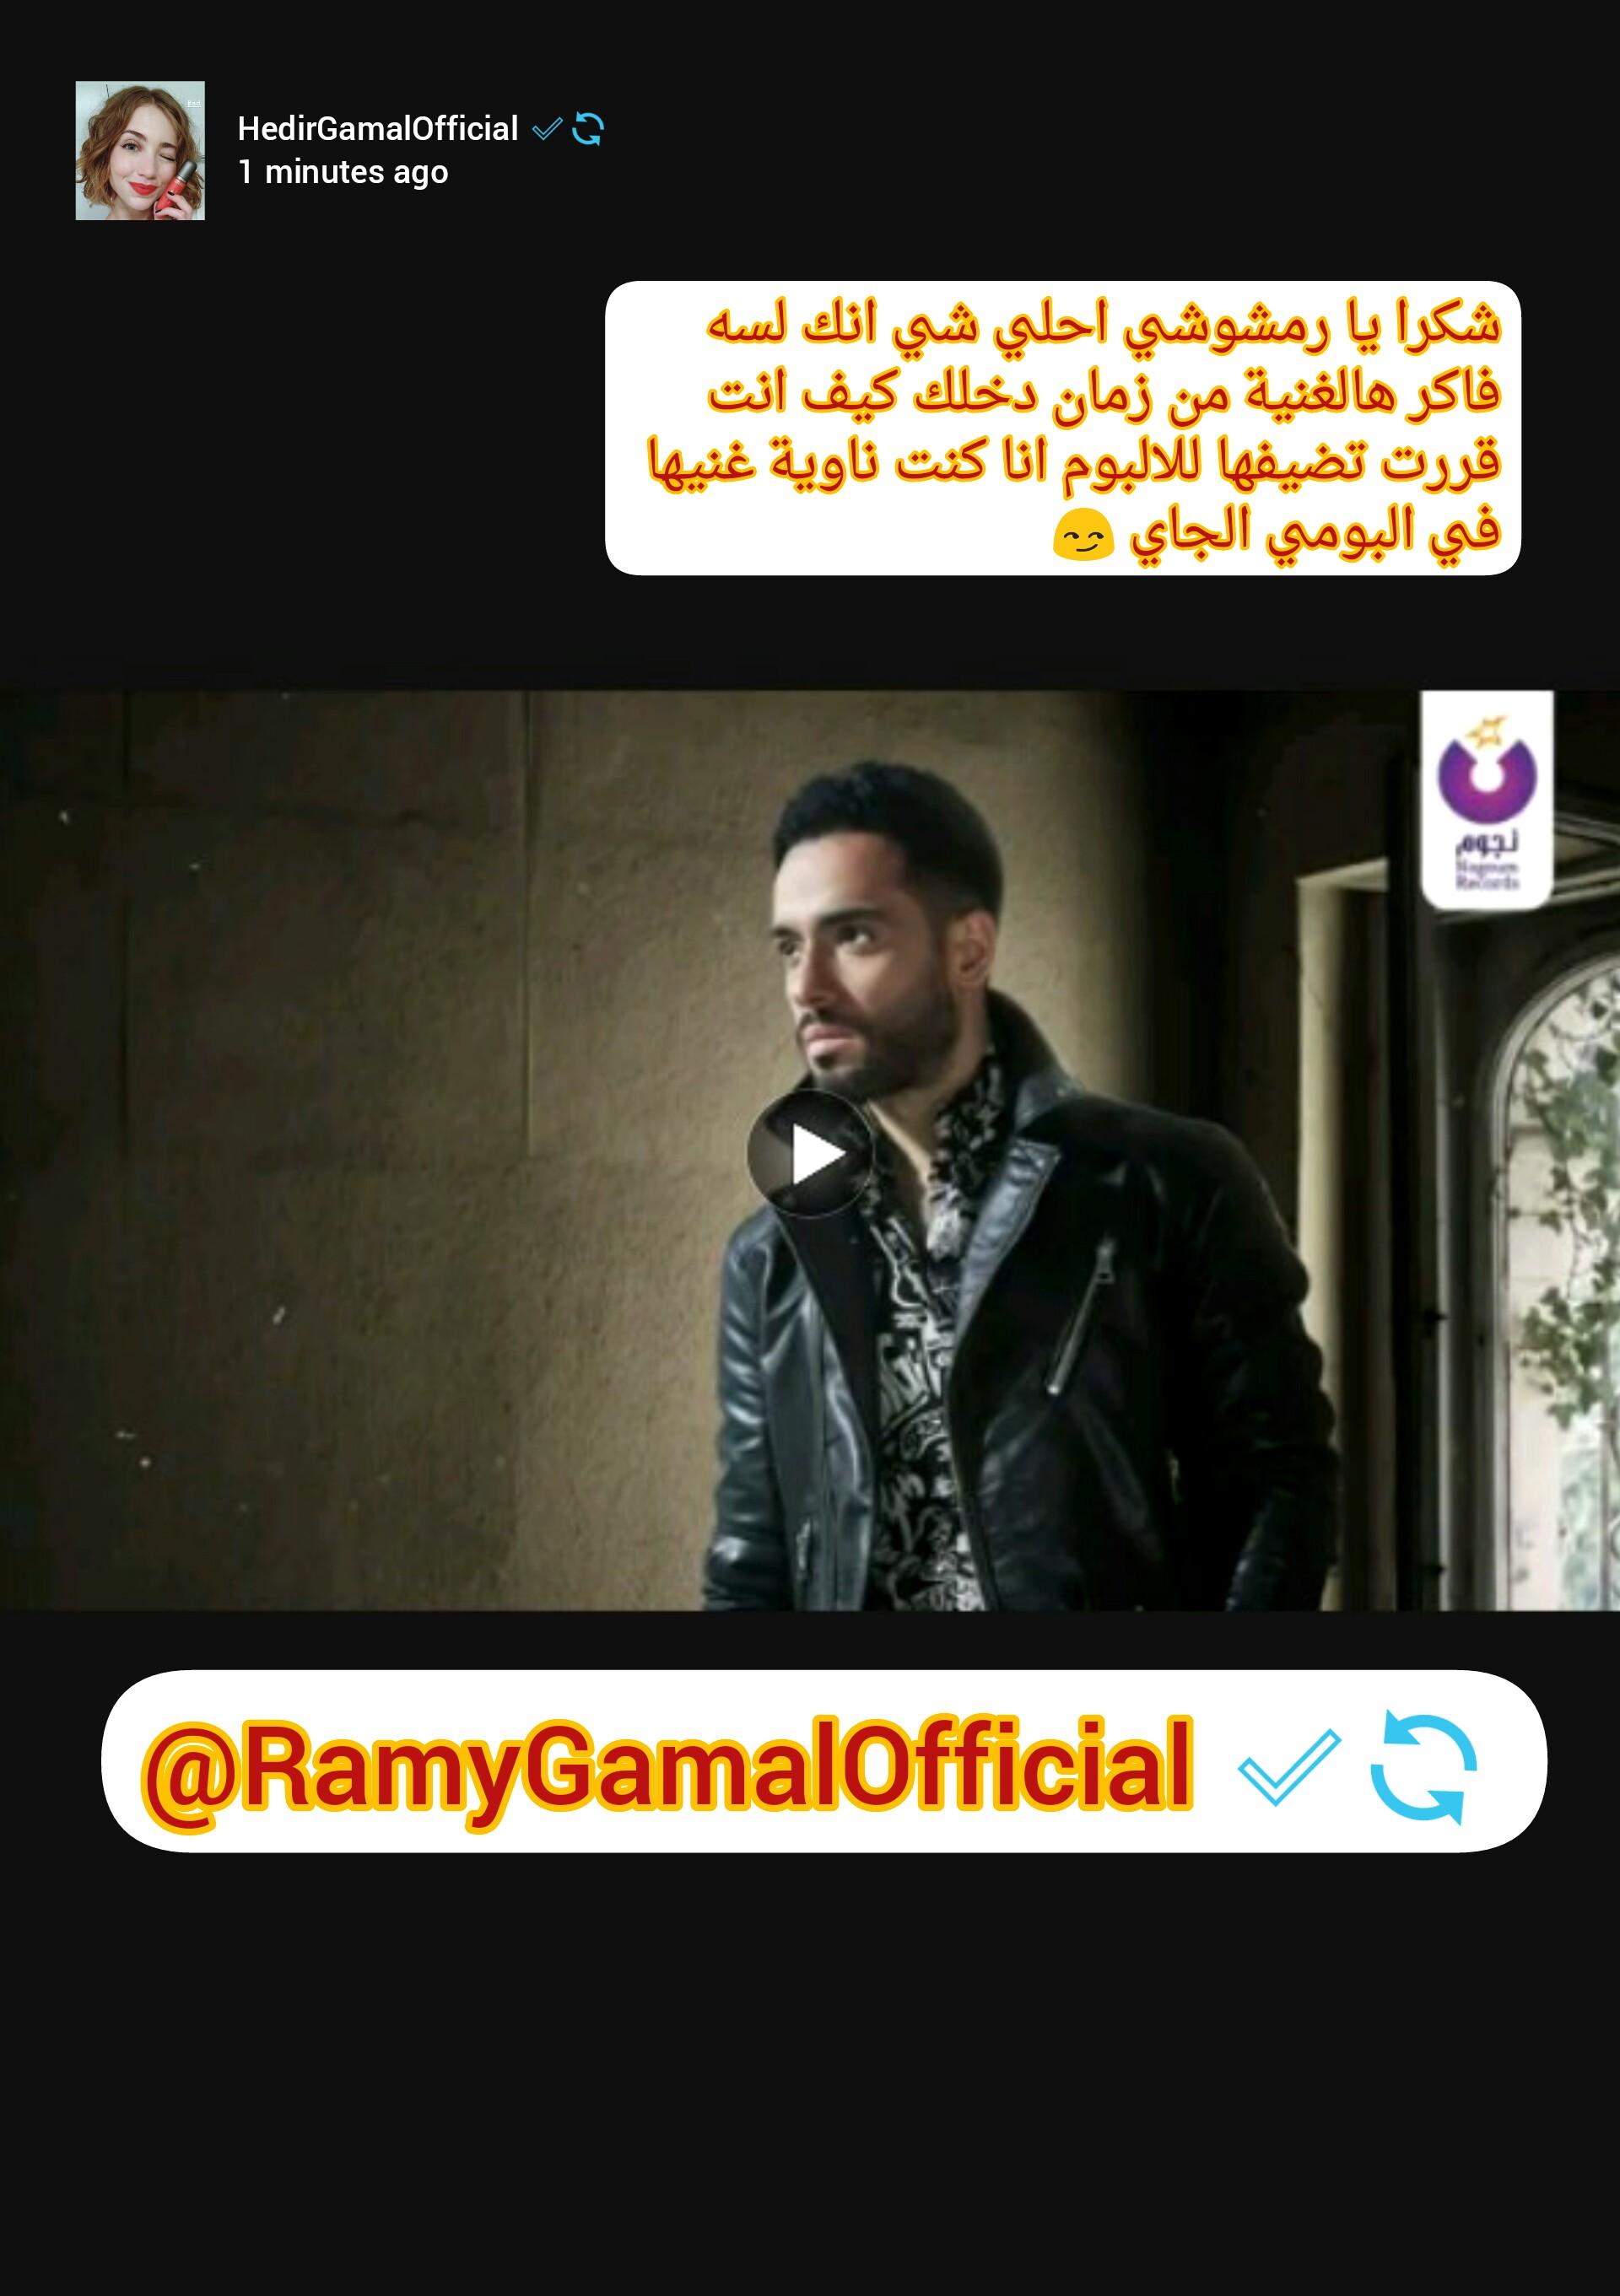 في الفن : رامي جمال يرتبط بهدير جمال من جديد و يبدي رأيه في كليب الوان